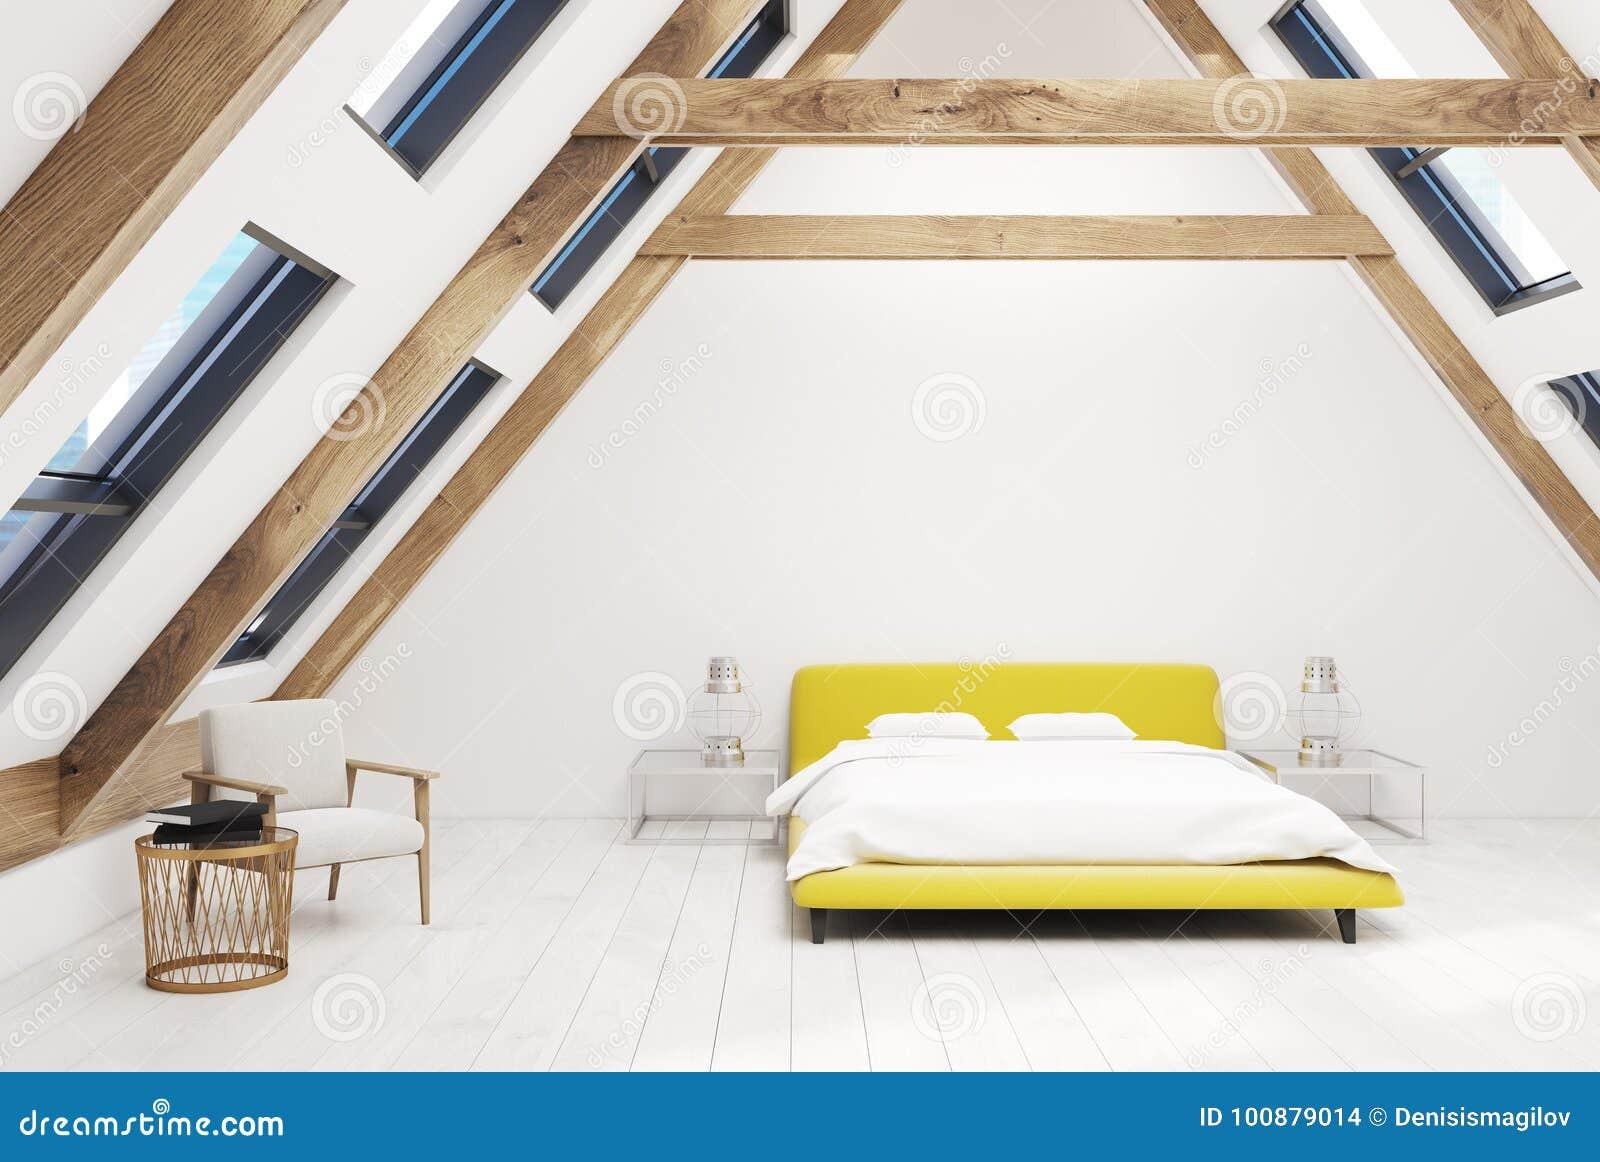 Chambre à Coucher Blanche De Grenier Intérieure, Lit Jaune ...